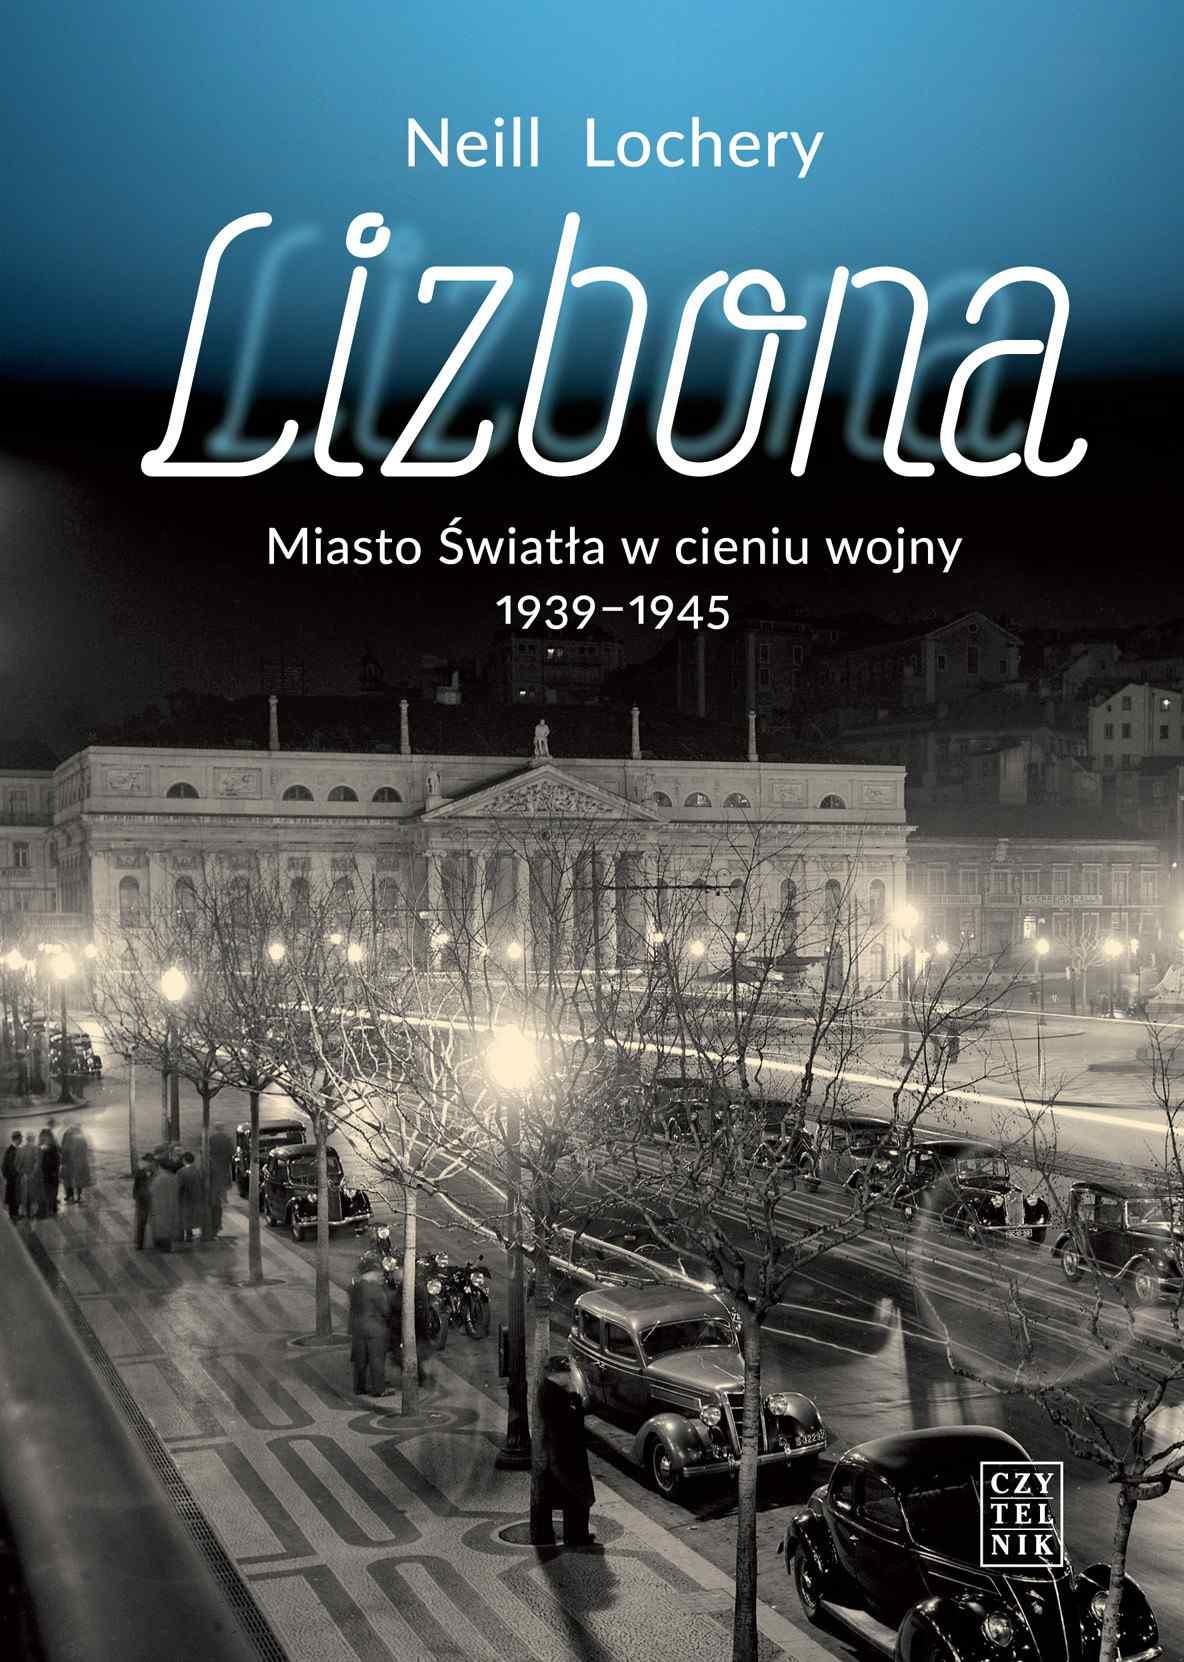 Lizbona Miasto Światła w cieniu wojny 1939-1945 - Ebook (Książka EPUB) do pobrania w formacie EPUB